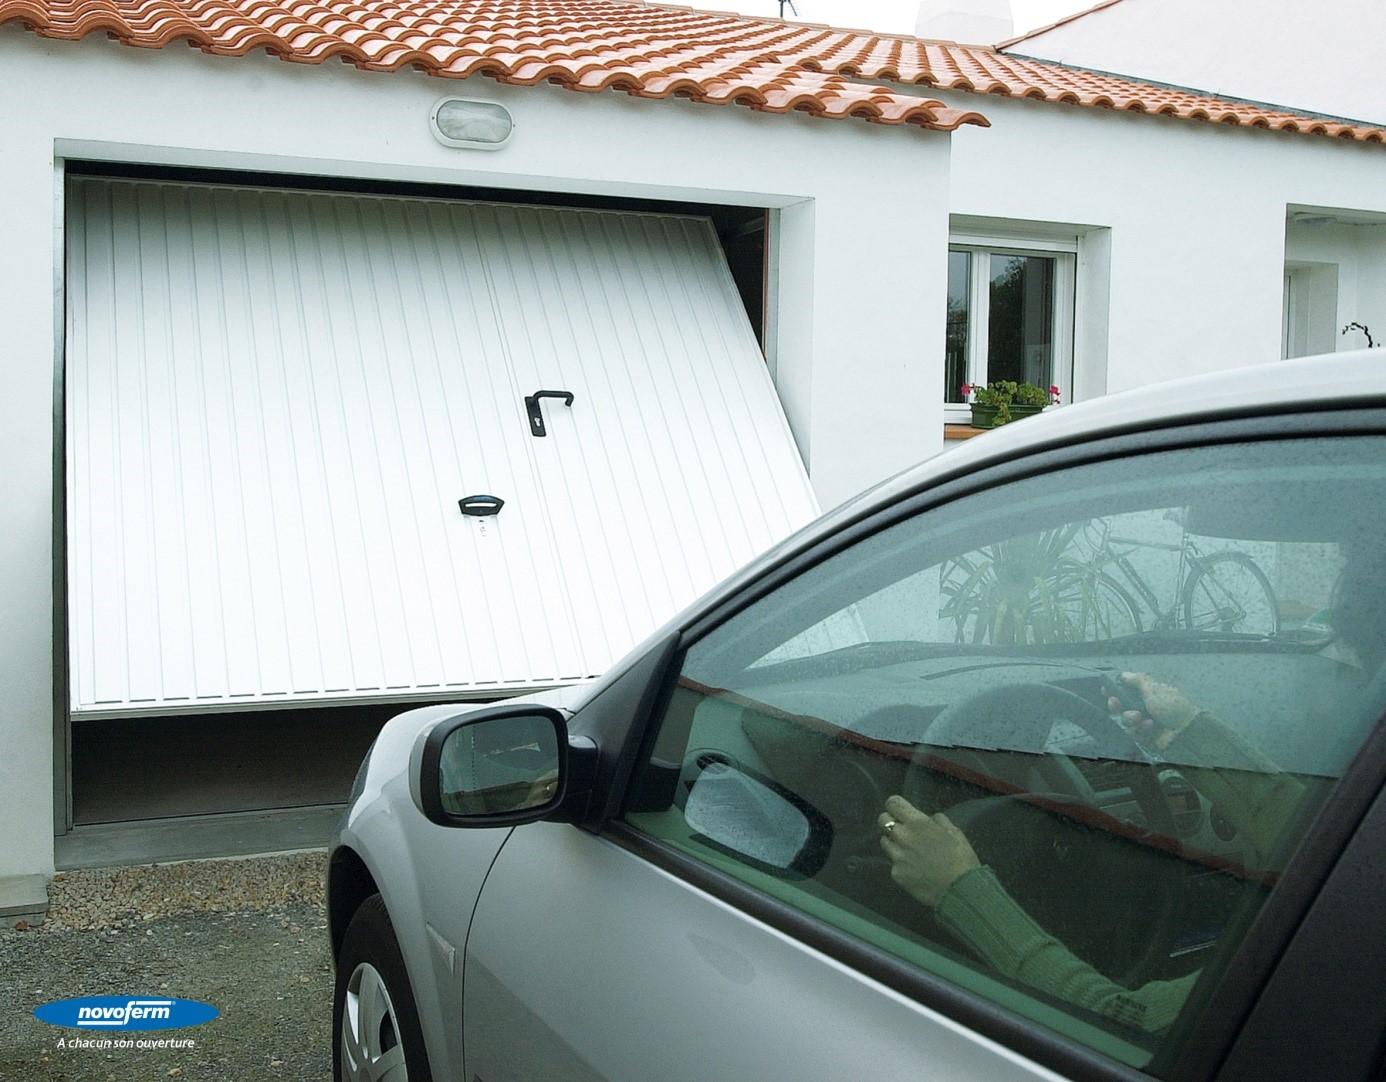 Pose de portes garage basculantes dans le Val d'Oise (95) - Yvelines (78) - Oise (60) - Eure (27) - Hauts de Seine (92) - Paris (75) - Seine Saint Denis (93) - Seine et Marne (77)